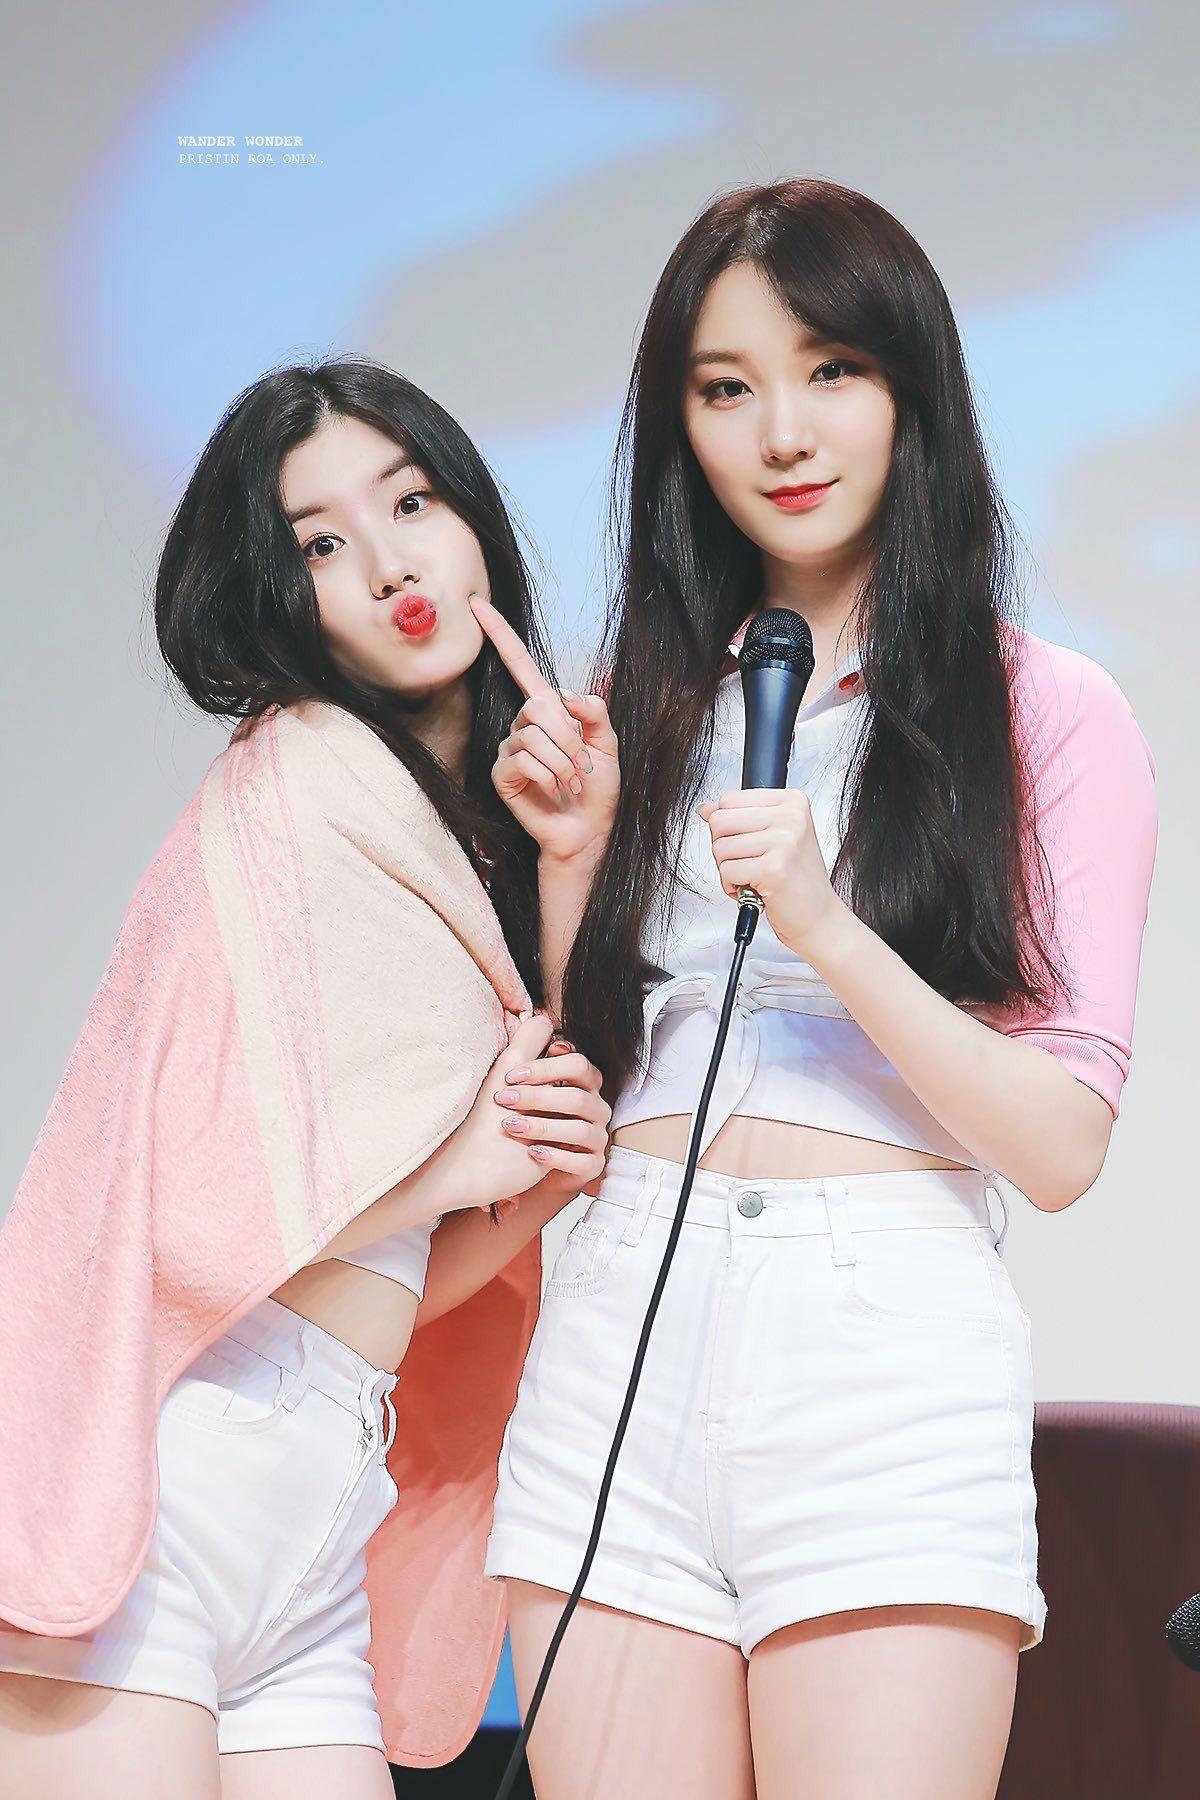 Kpop Girlfriends On Twitter Kpop Girls Korean Girl I Love Girls